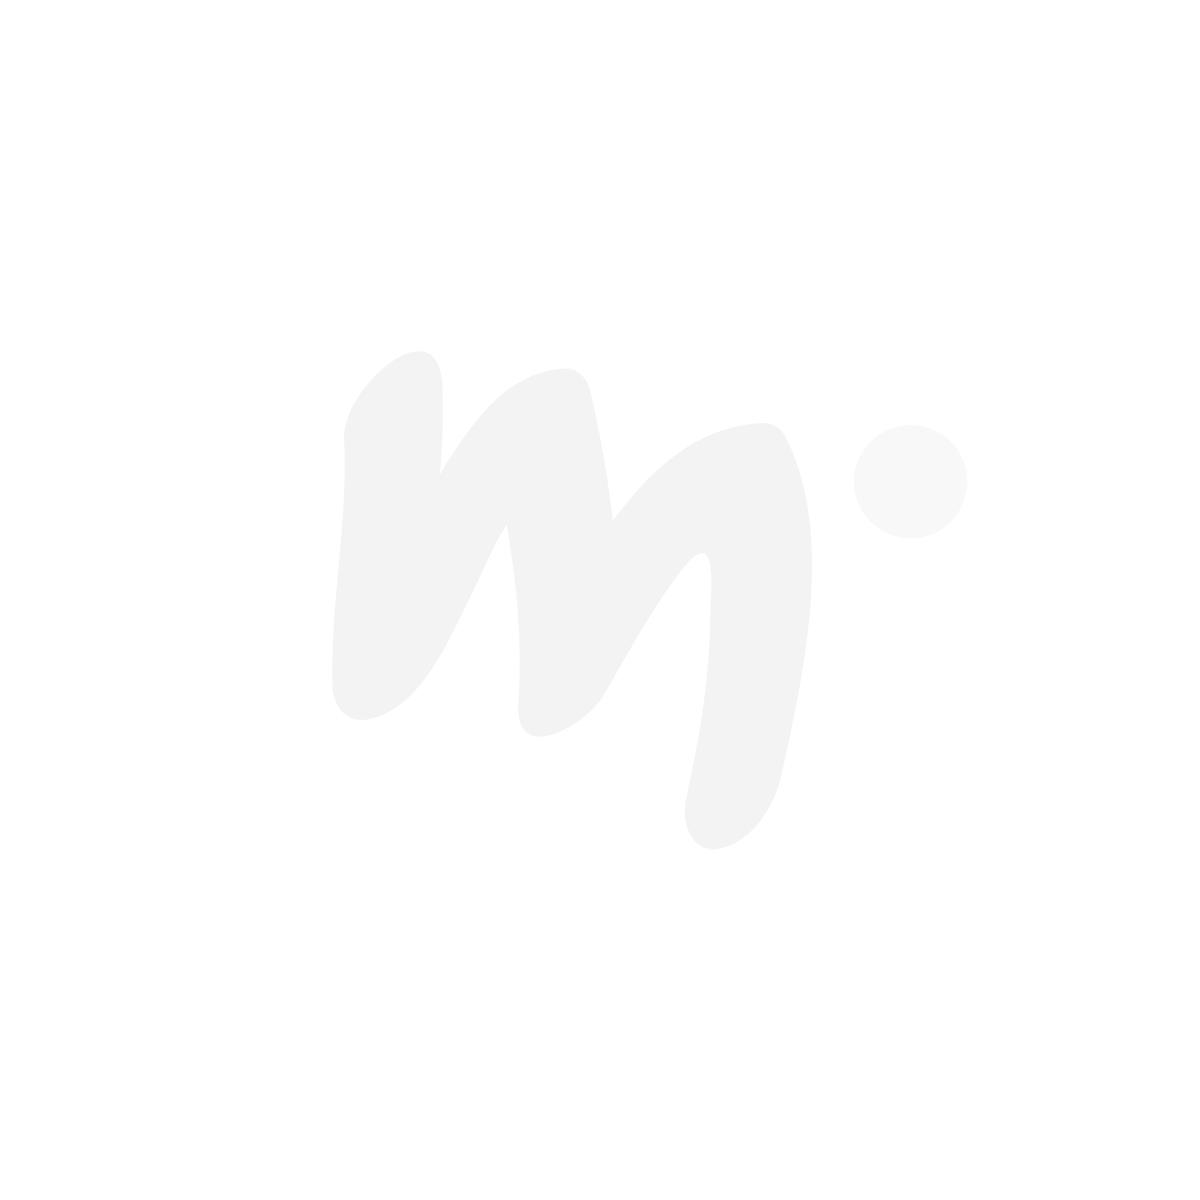 Peppi Pitkätossu Sitaatti-mekko vadelma